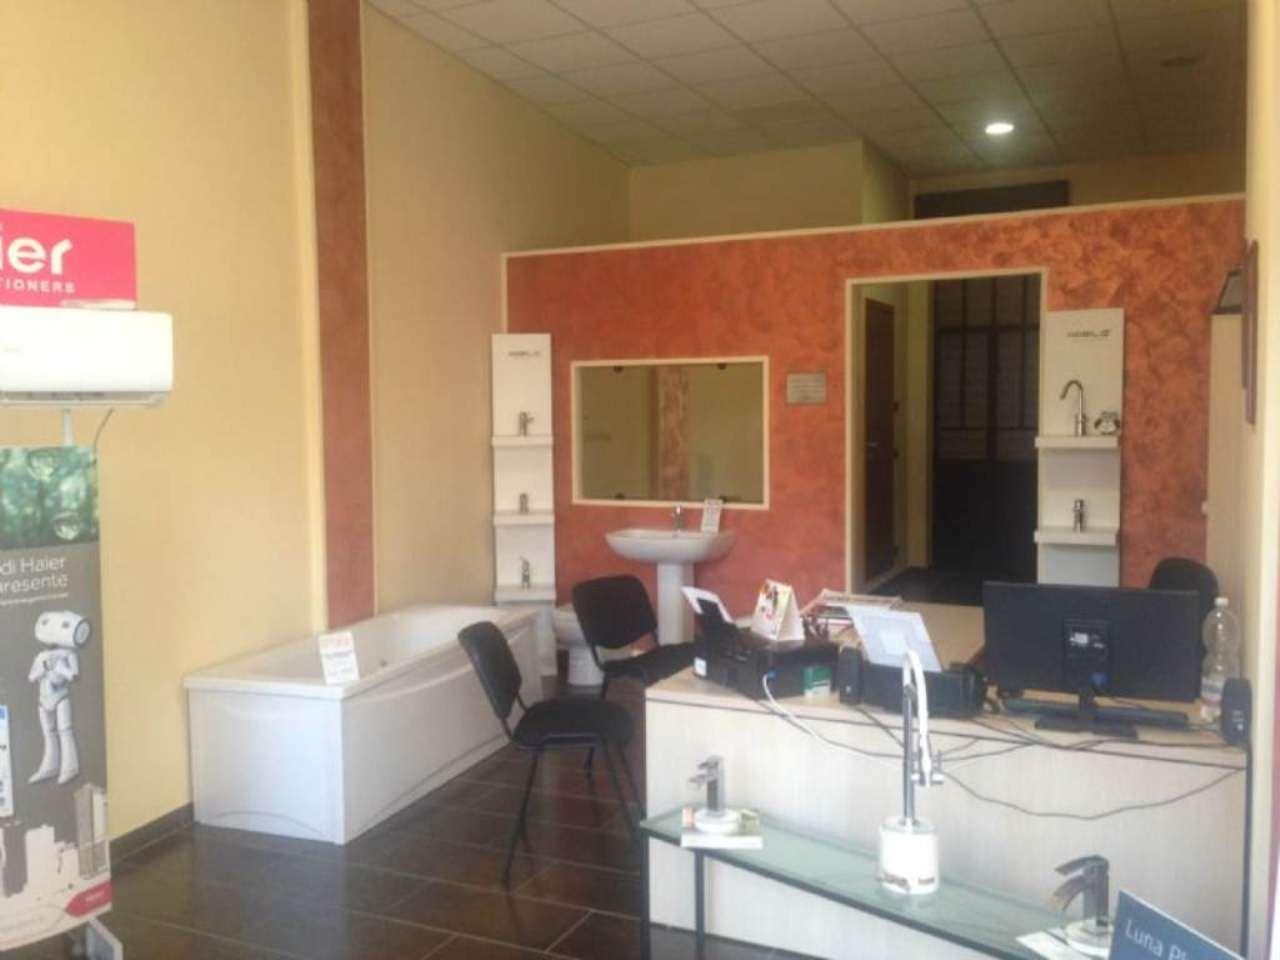 Negozio / Locale in affitto a Moncalieri, 2 locali, prezzo € 600 | Cambio Casa.it